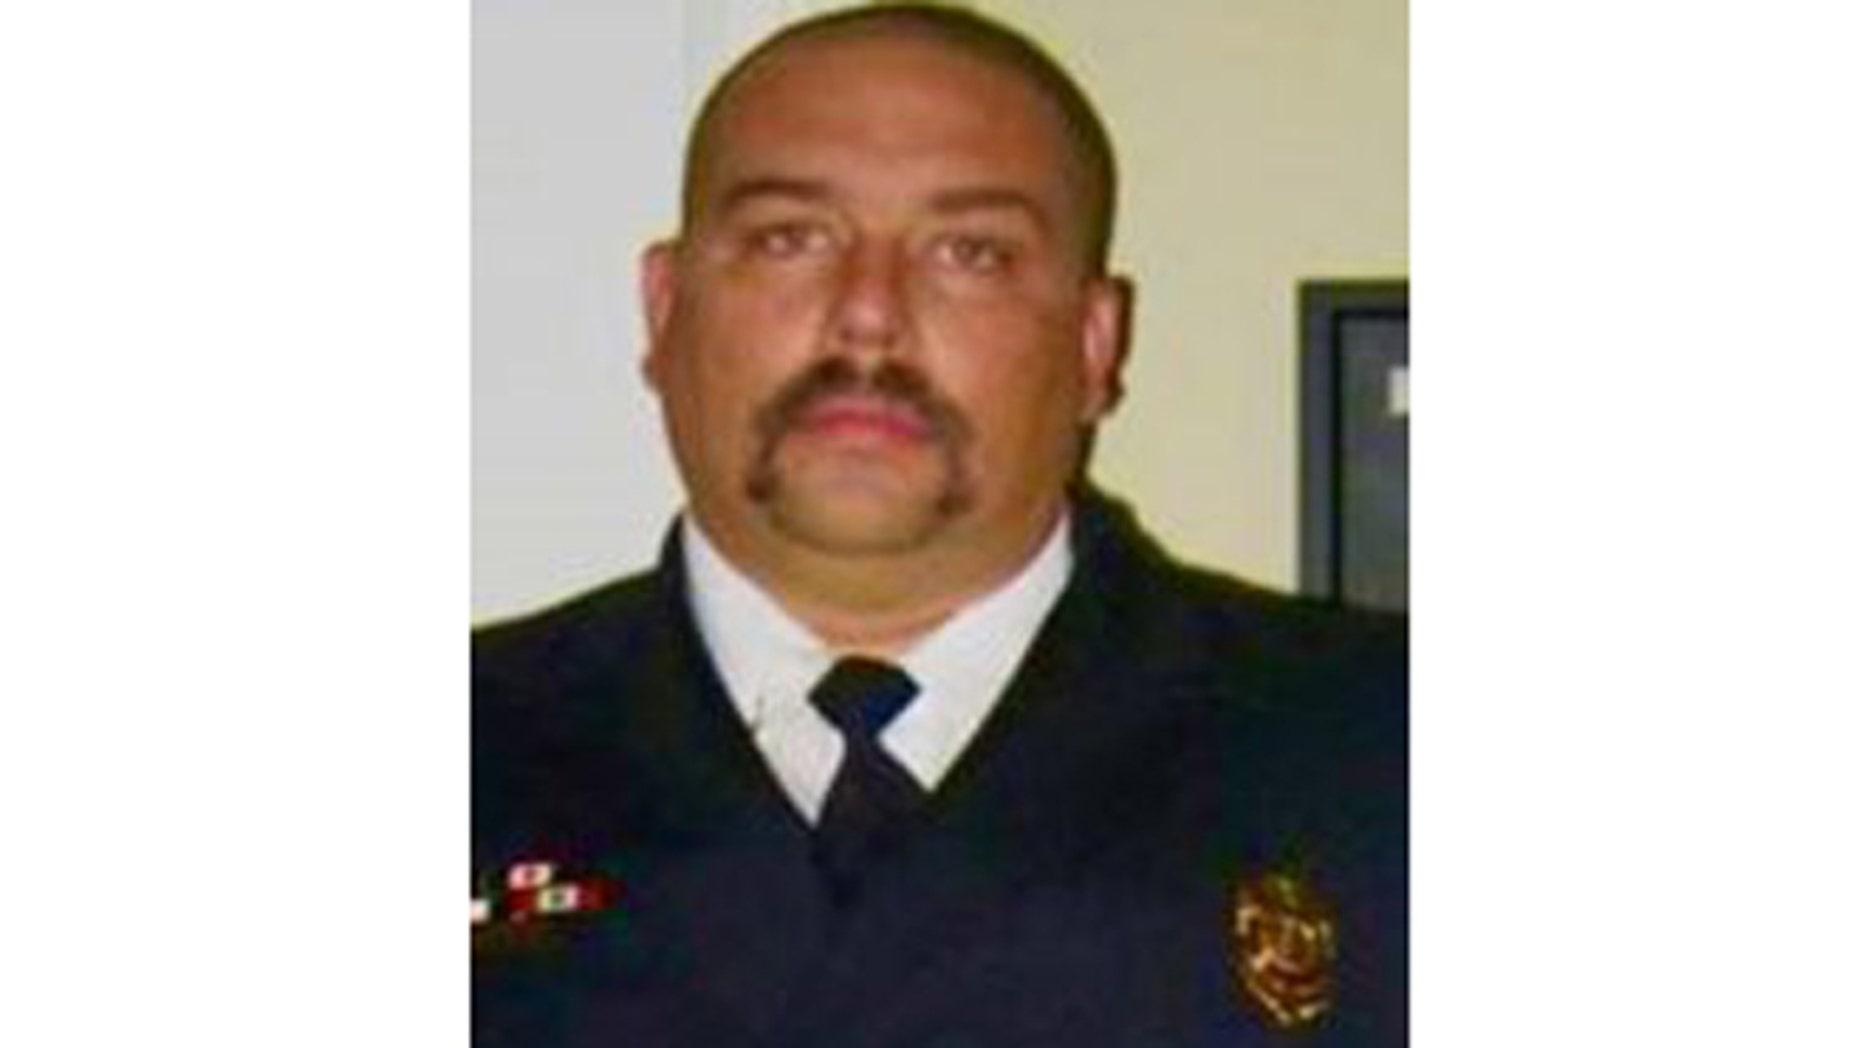 Fire captain Robert Poynter, 47. (University Park Fire Department)